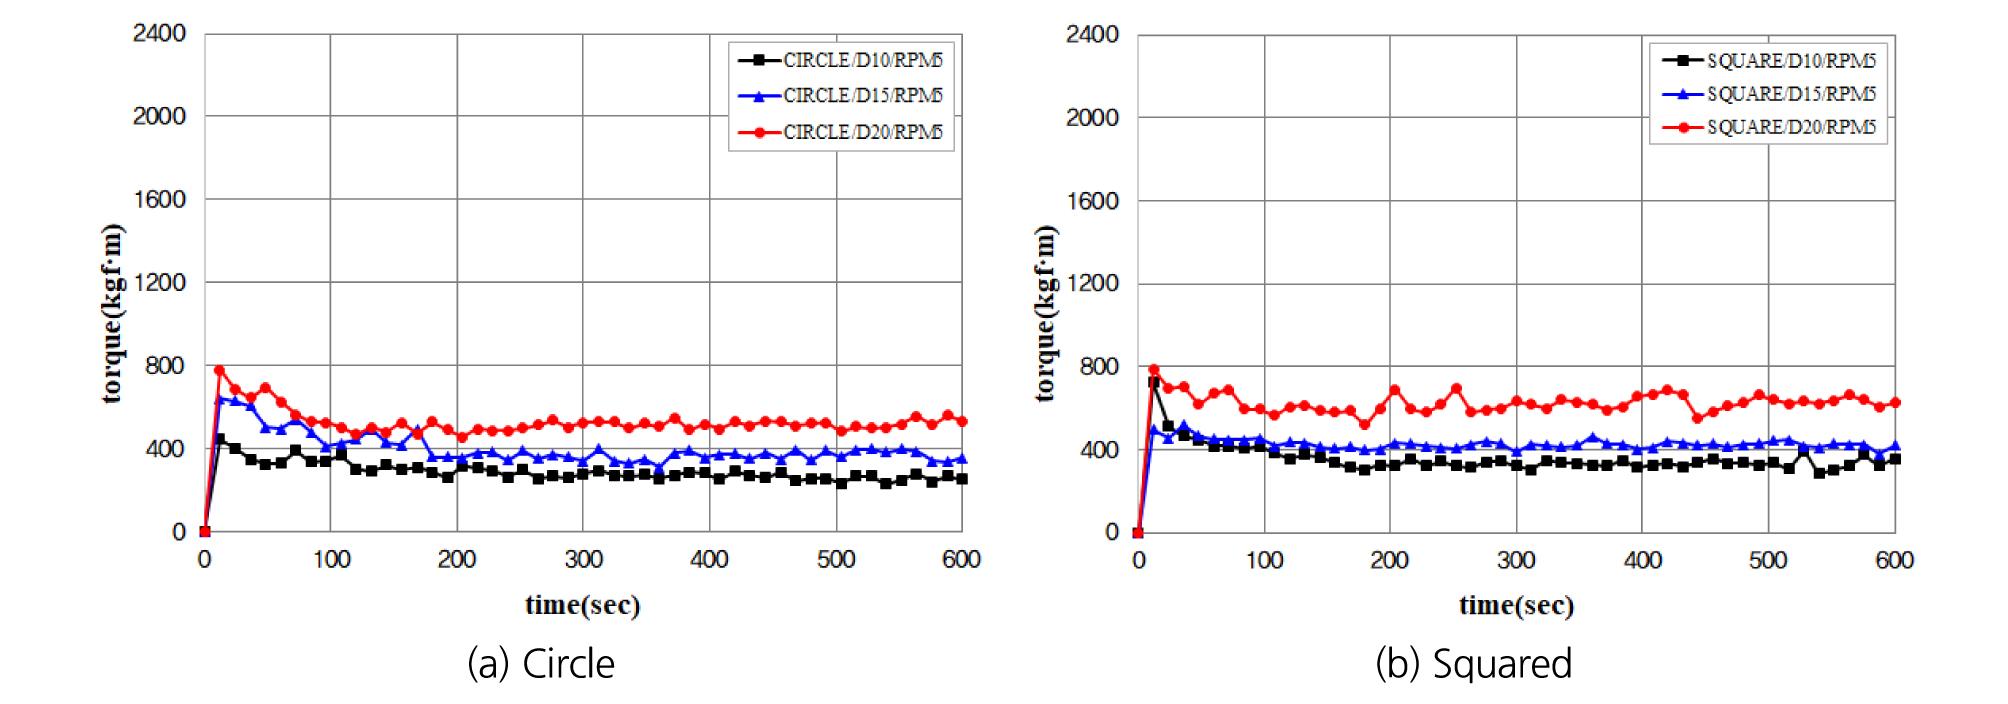 http://static.apub.kr/journalsite/sites/kta/2020-022-01/N0550220106/images/kta_22_01_06_F7.jpg